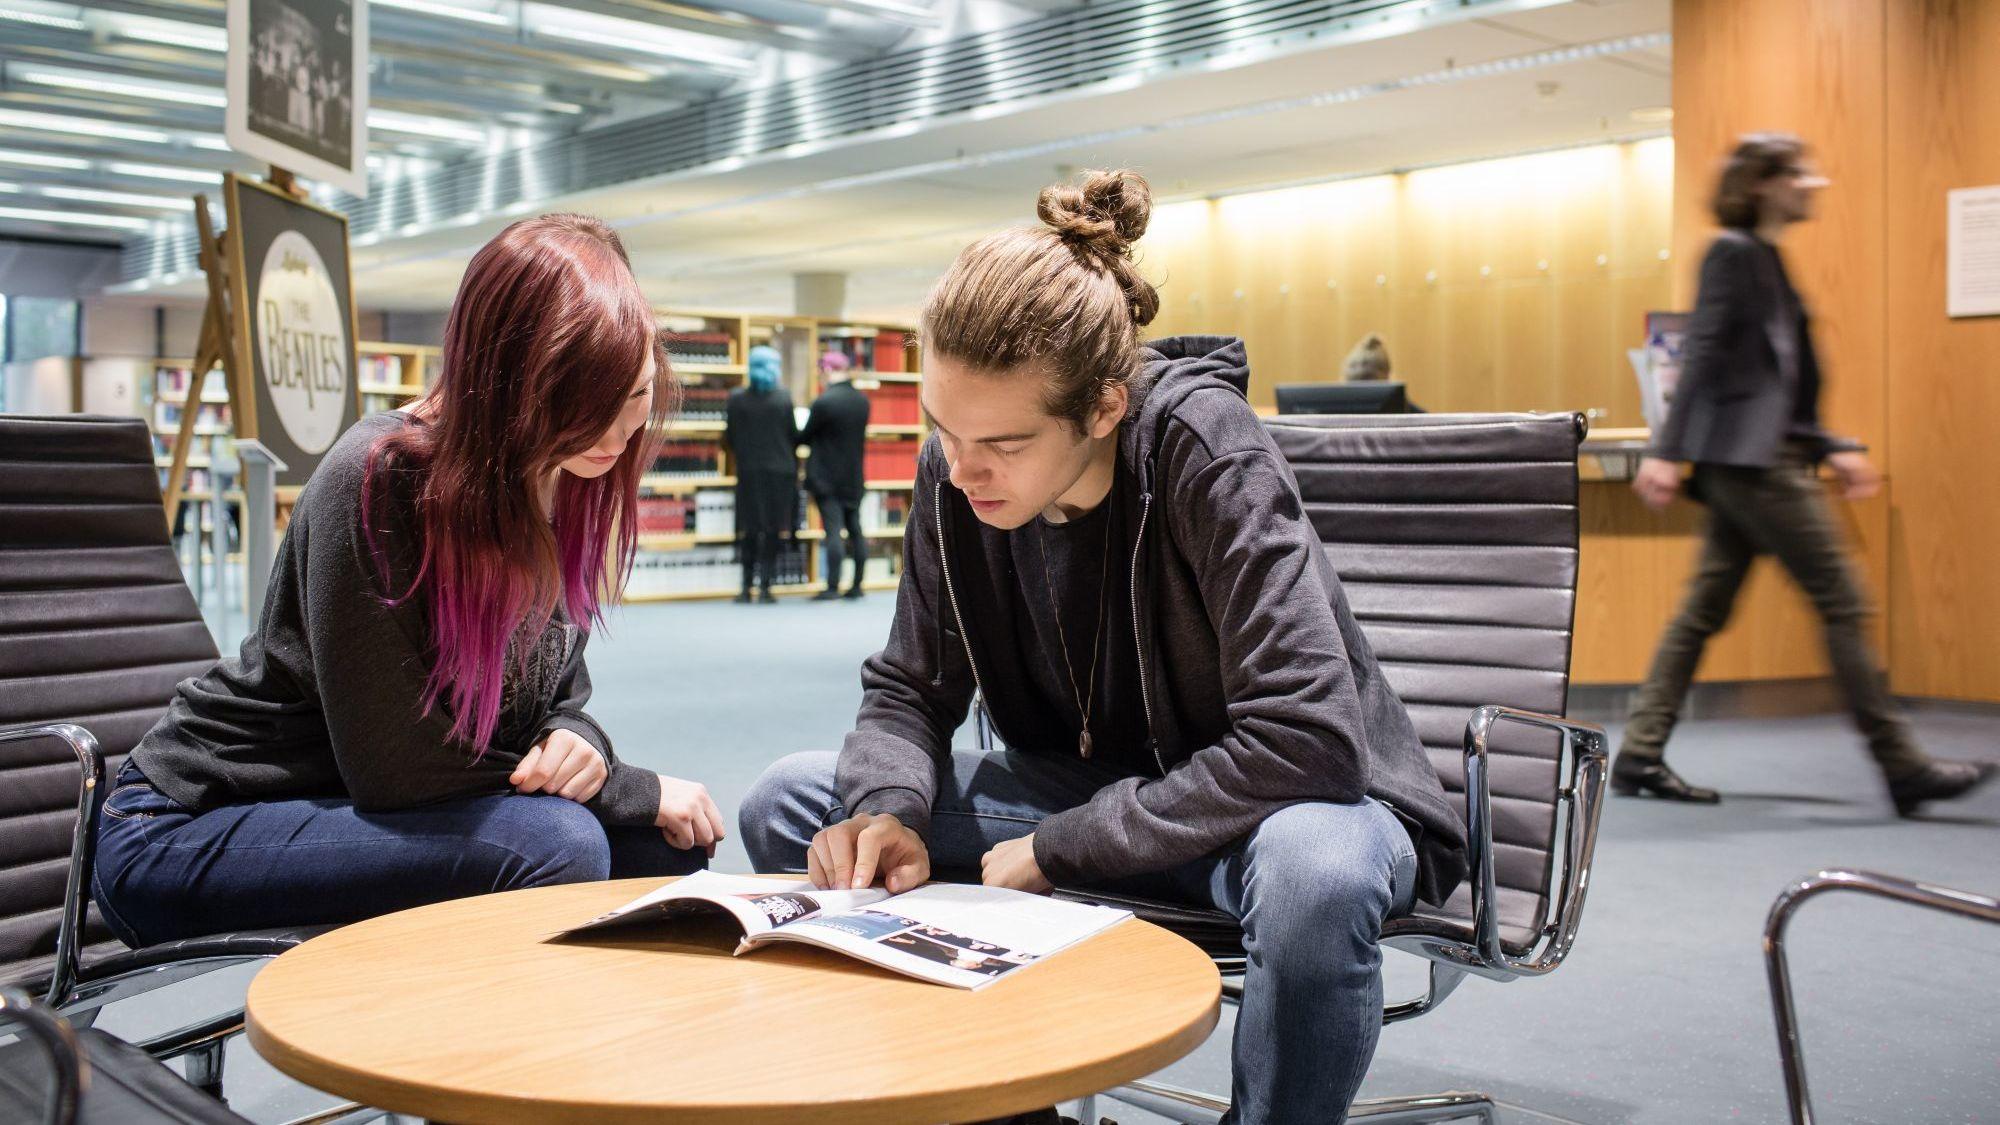 Besucher im Informationszentrum sehen sich eine Zeitschrift an.